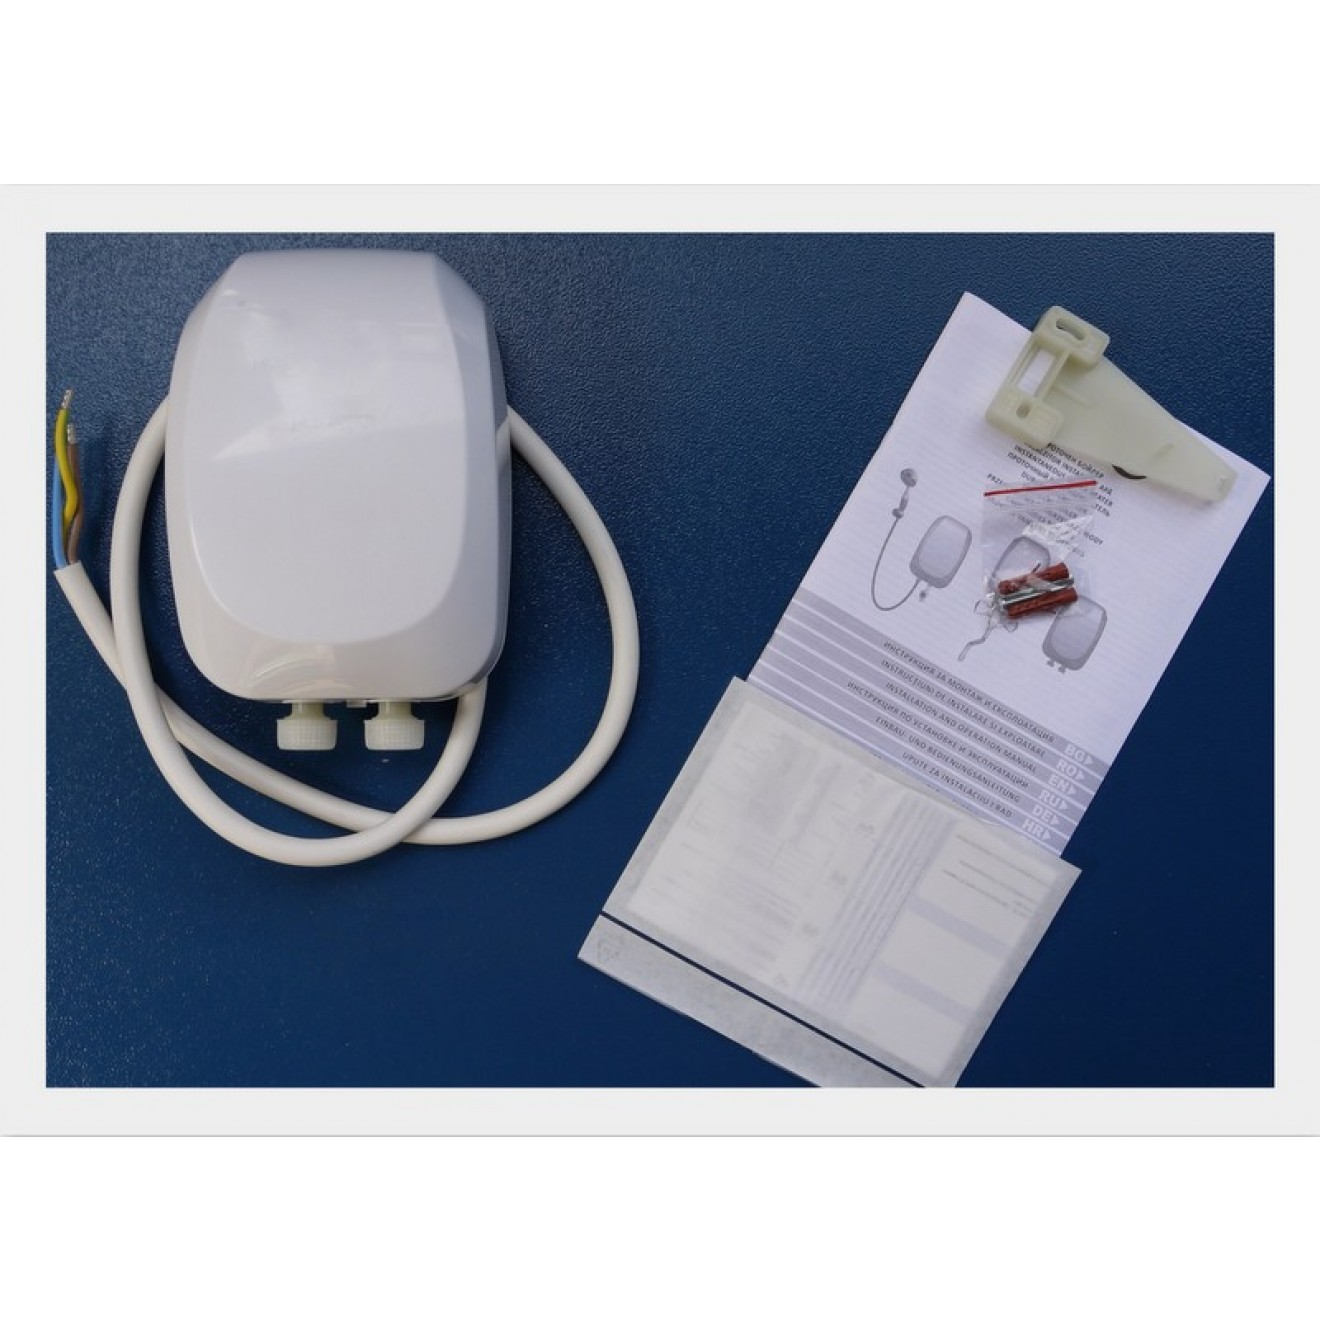 elektronischer durchlauferhitzer 3,5 kw 5,0 kw 7,0 kw untertisch ... - Durchlauferhitzer Küche Untertisch